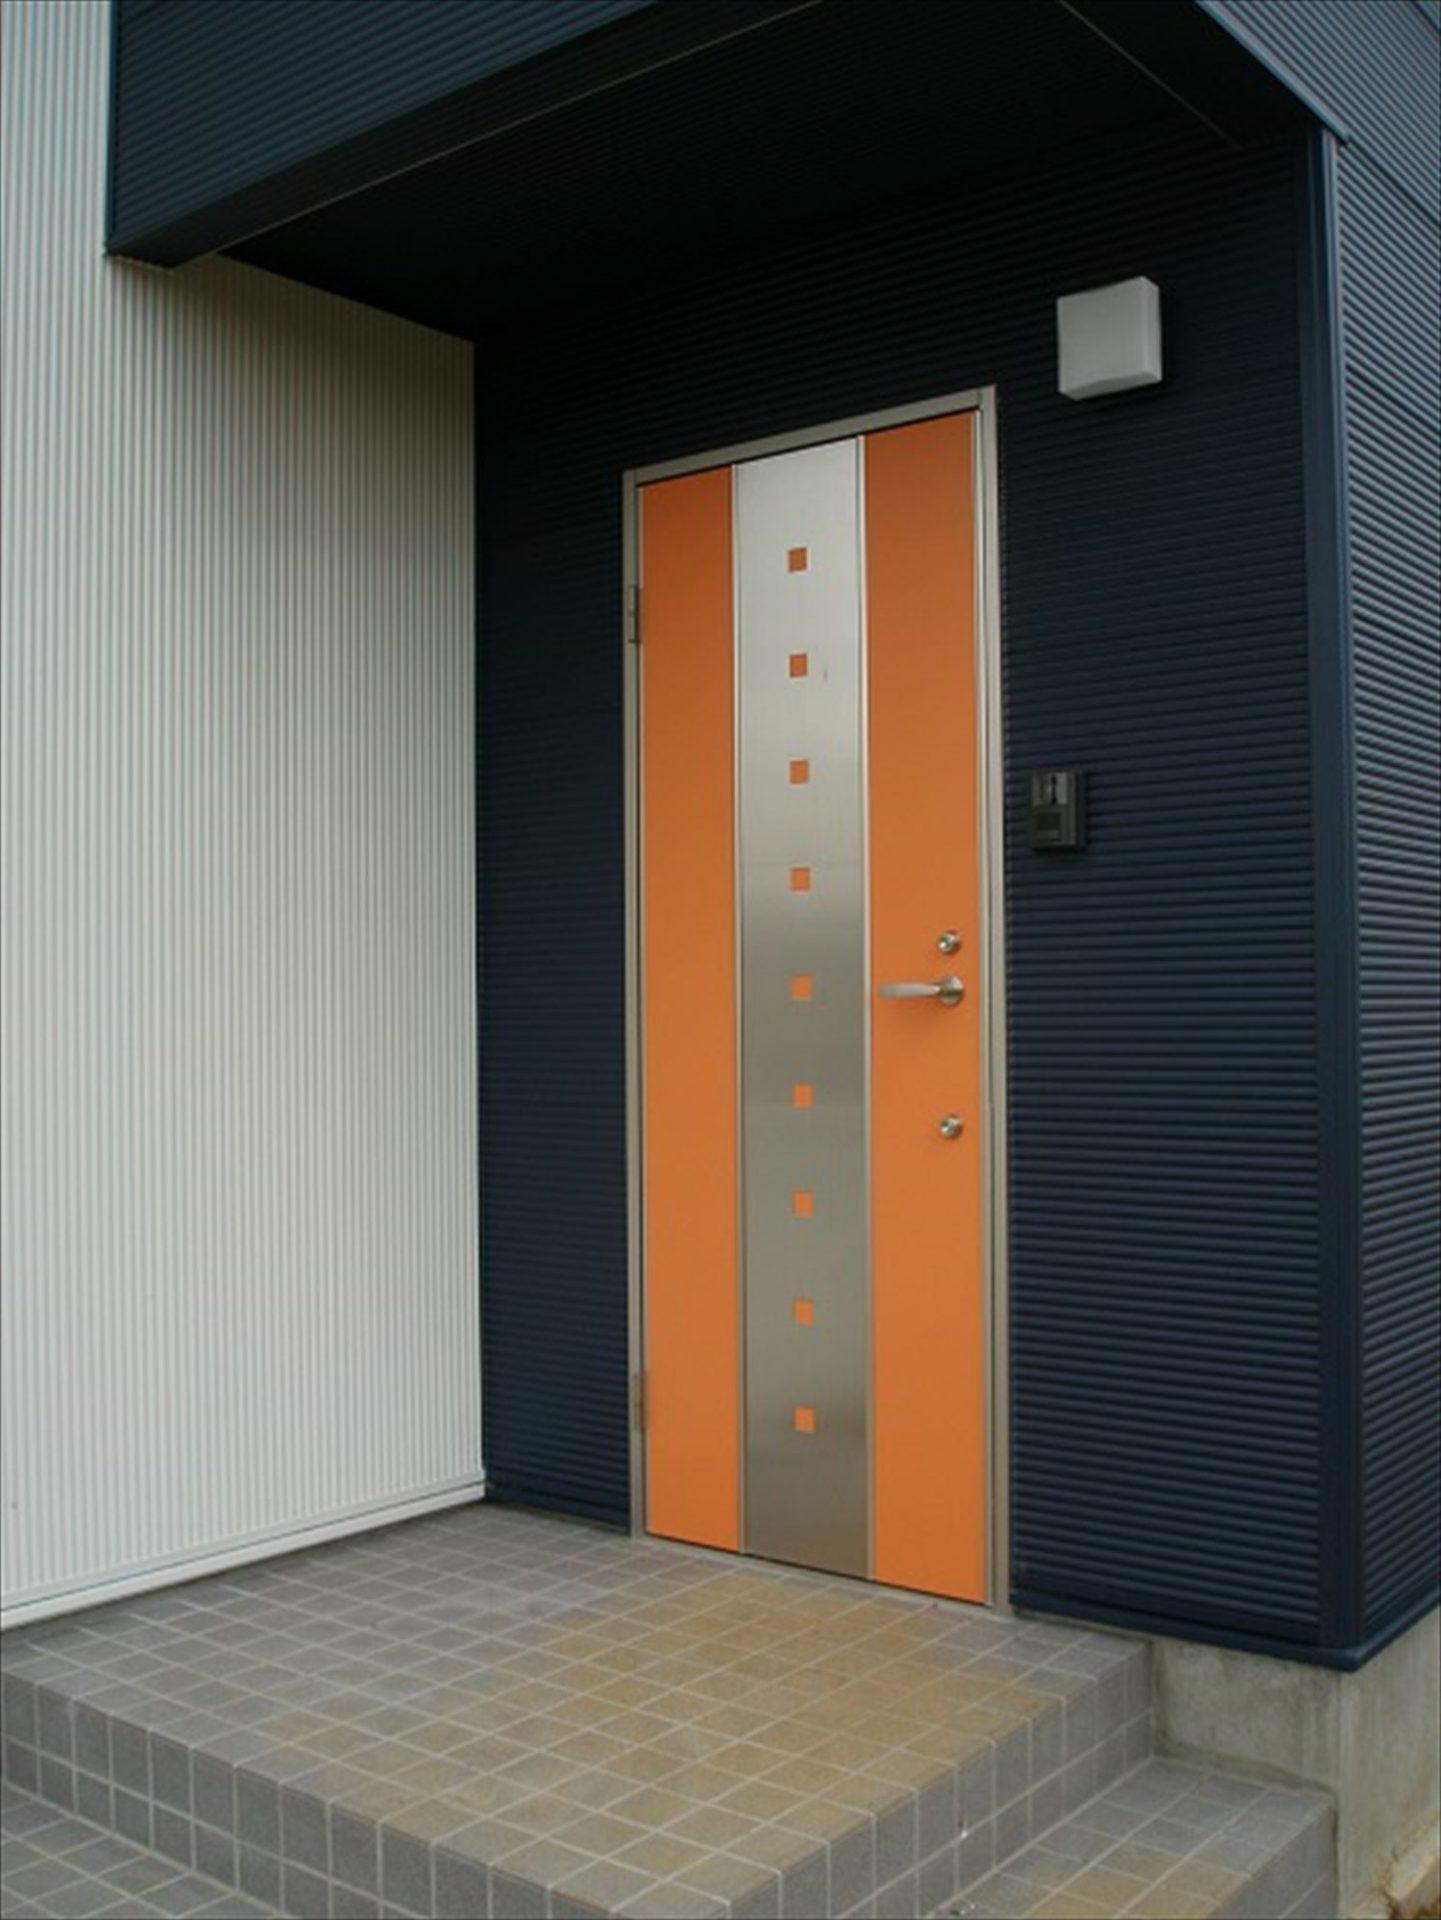 ガルバリウム外壁の二階建ての玄関|石岡市の注文住宅,ログハウスのような木の家を低価格で建てるならエイ・ワン